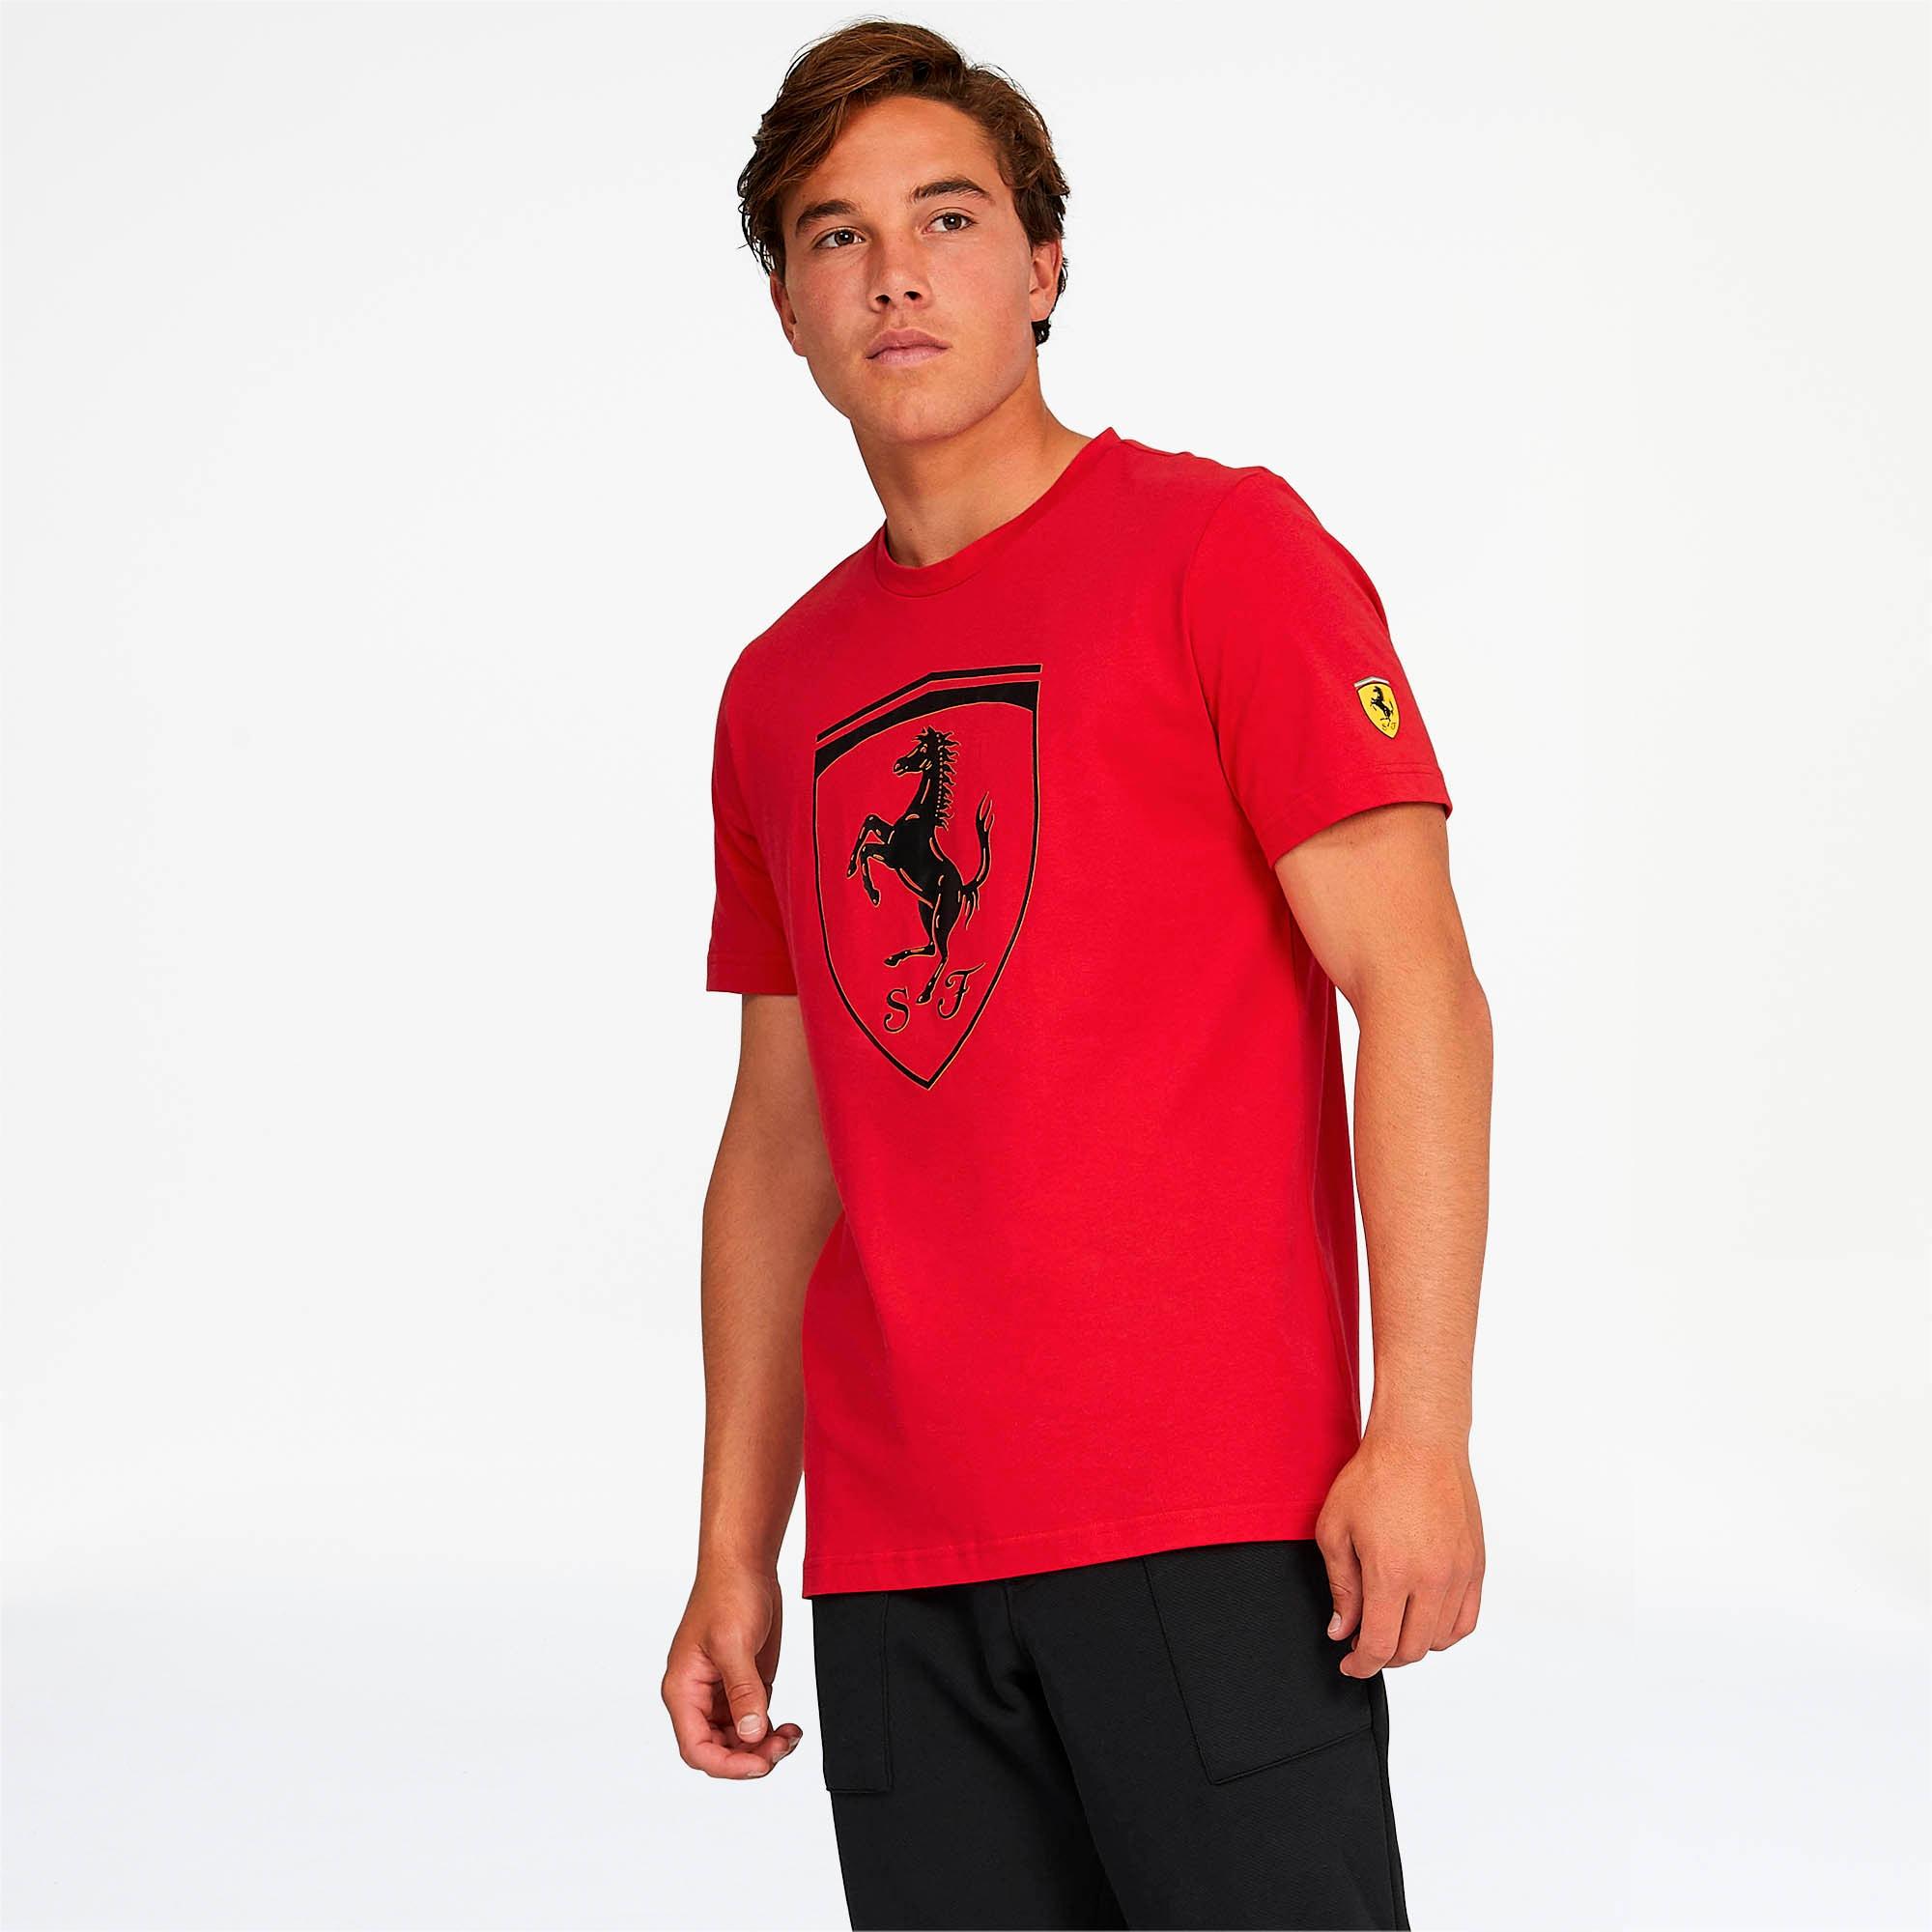 Corno Confezione Da Mettere Cusco Puma Ferrari Shirt Canoa Serie Storiche Riva